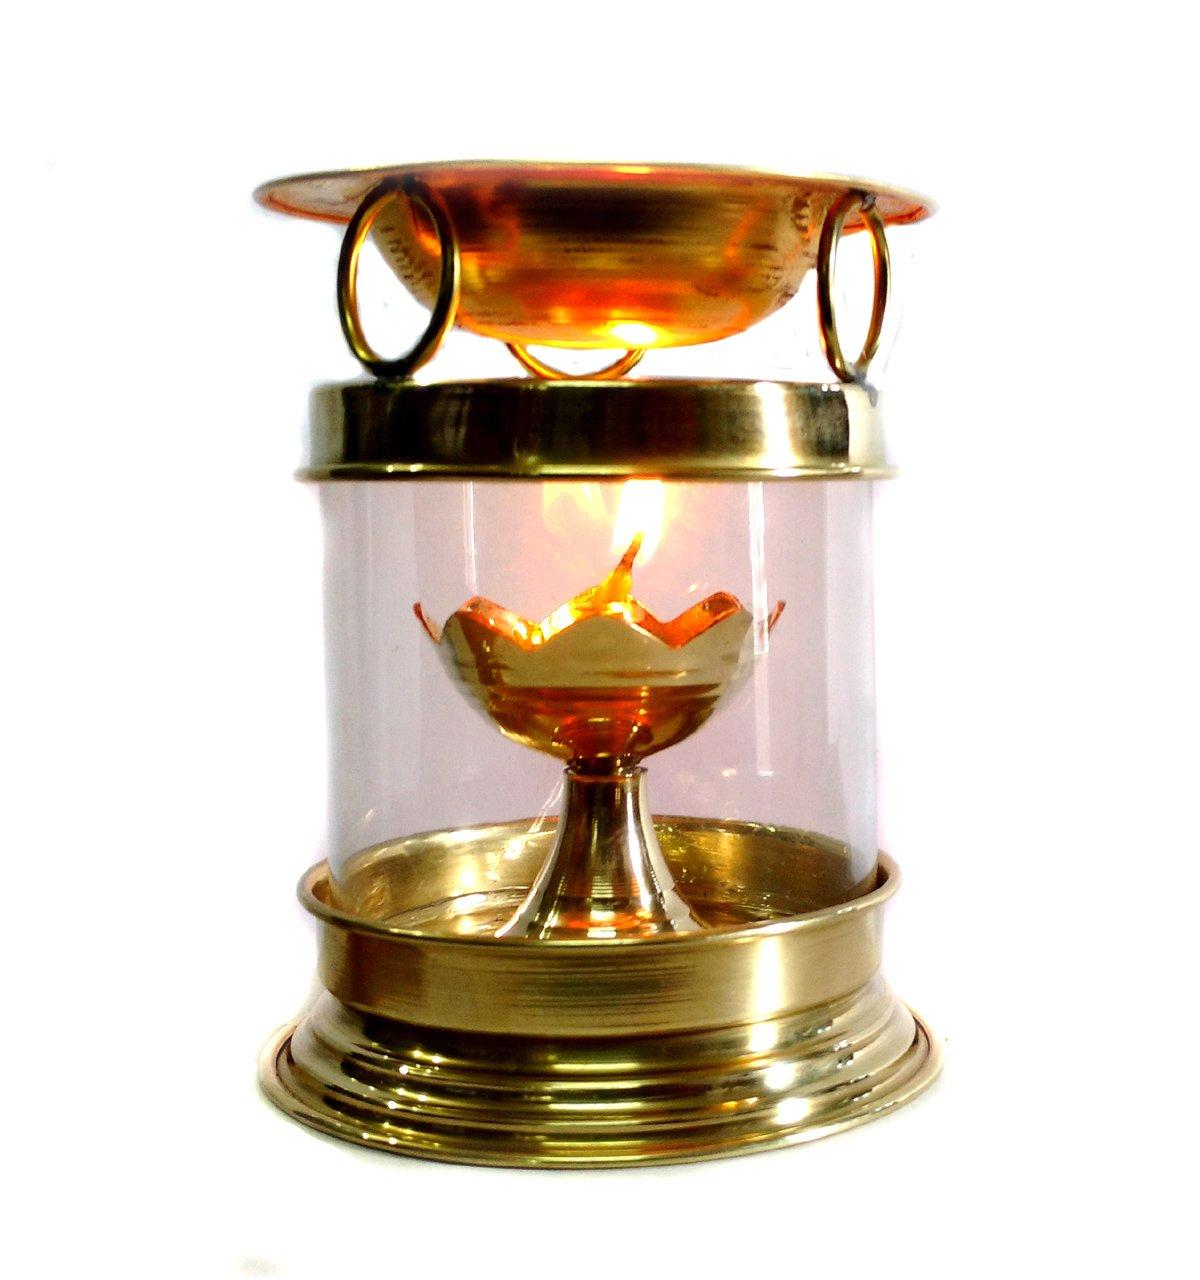 Quemador de aceite de aromaterapia de latón hindú puja Deepak lámpara de aceite–Perfume difusor de aceite con libre accesorios latón diya Rastogi Handicrafts aastha deepak brass